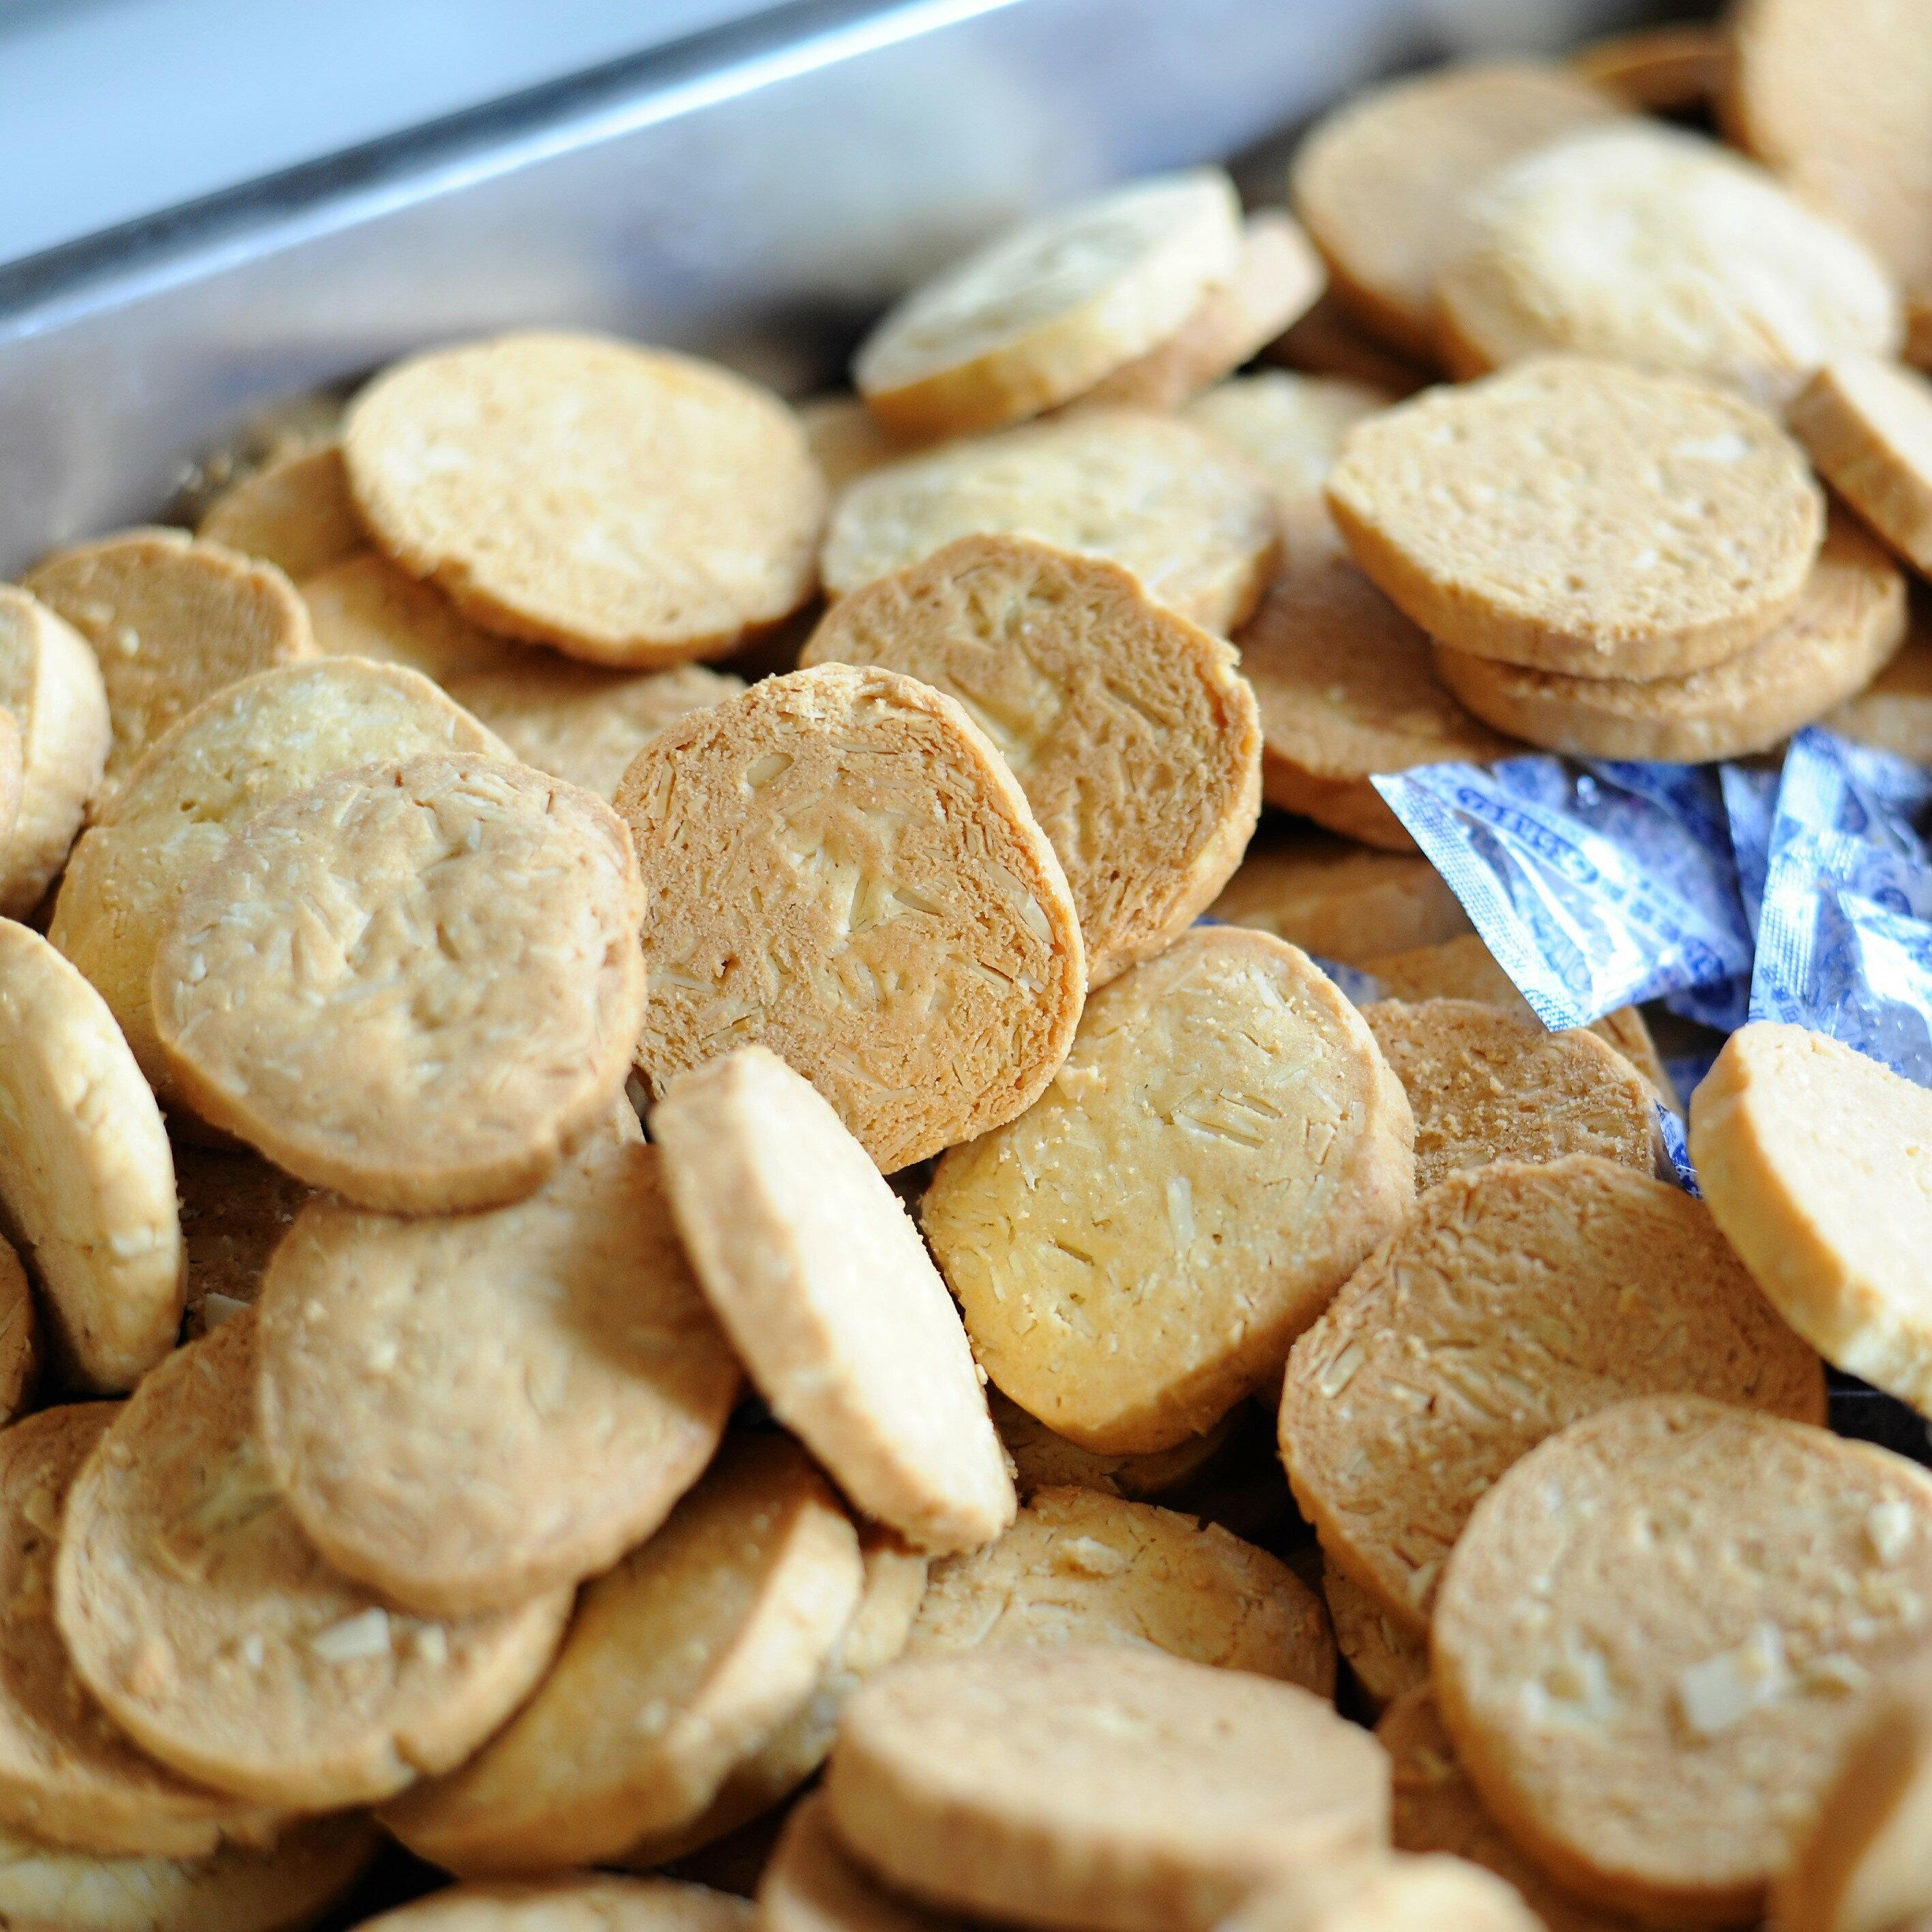 杏仁口味 手作餅乾 甜點 下午茶 零食 手工餅乾 伴手禮 健康 無添加  無防腐劑 無香精 無色素